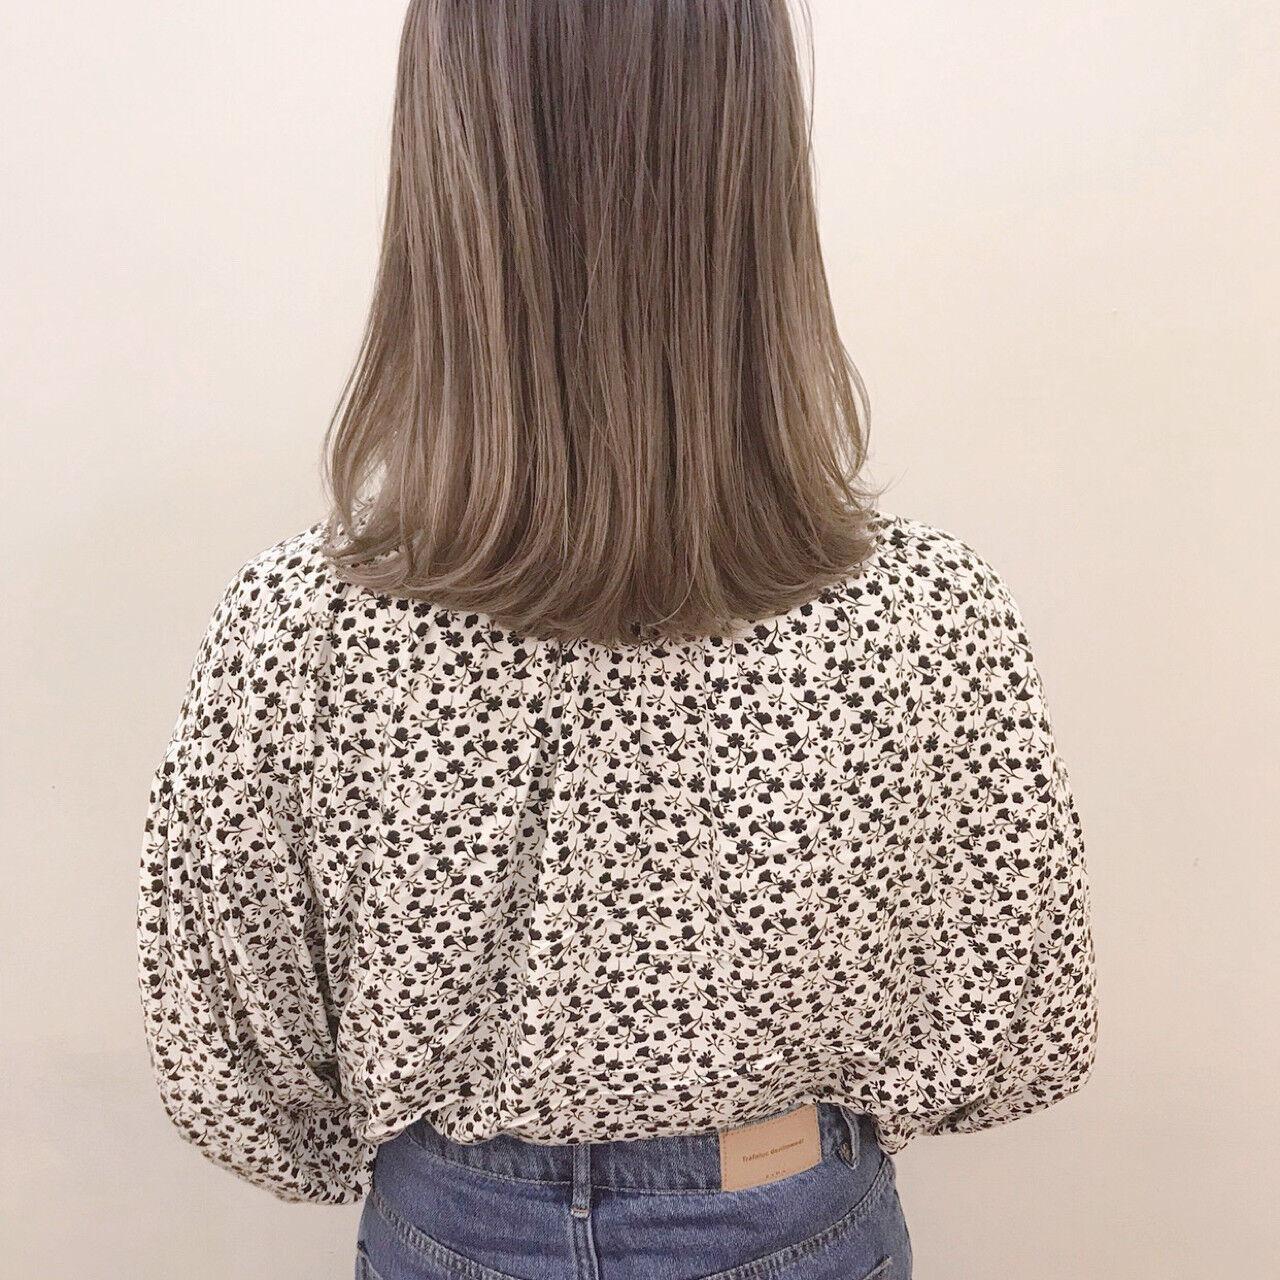 ハイライト デート ミディアム ナチュラルヘアスタイルや髪型の写真・画像